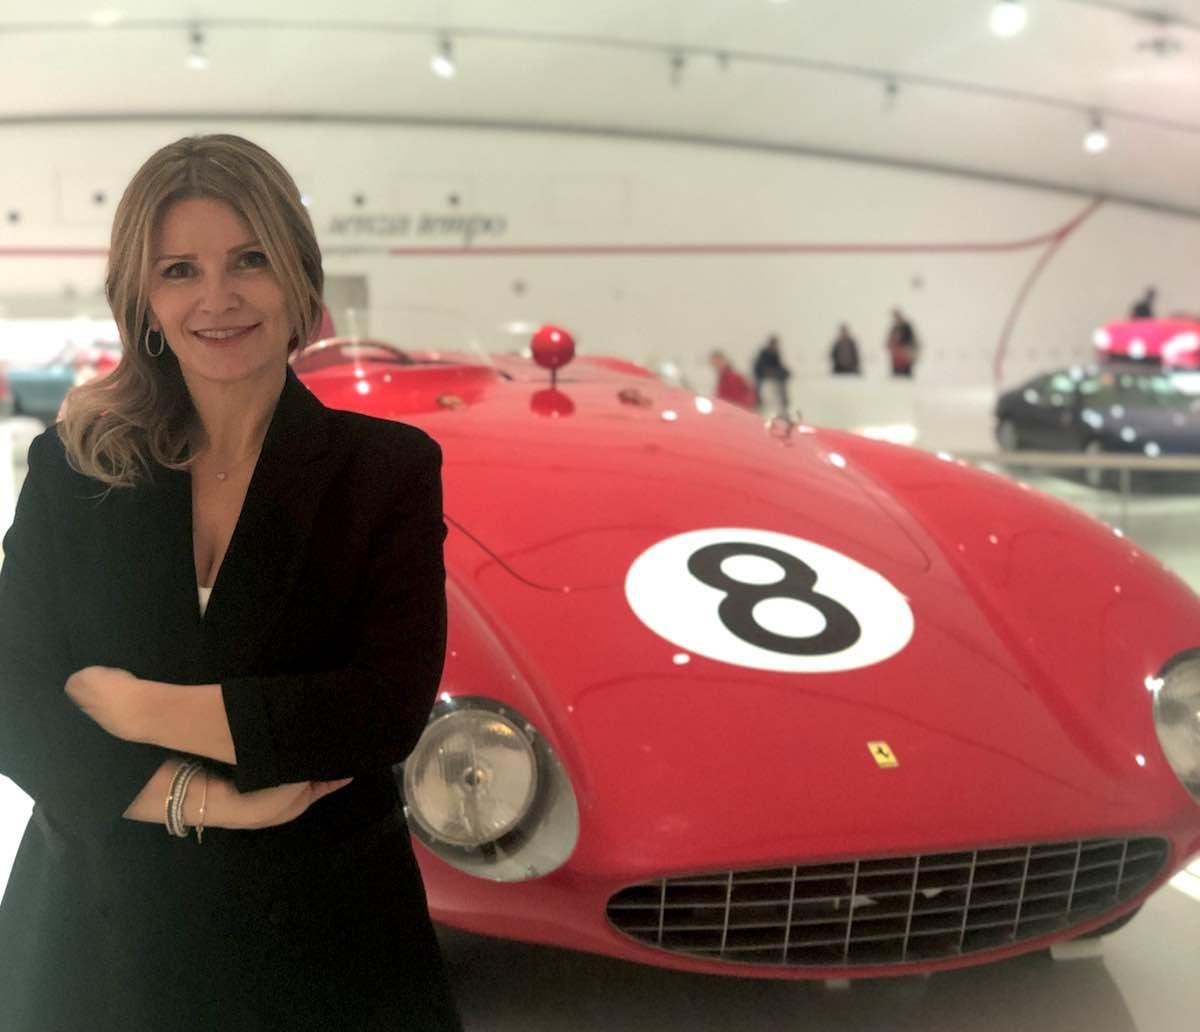 Museo-Nicolis-Comunicare-L-Automobile-Oggi-Museo-Enzo-Ferrari-Silvia-Nicolis-ph-Museo-Nicolis-2019